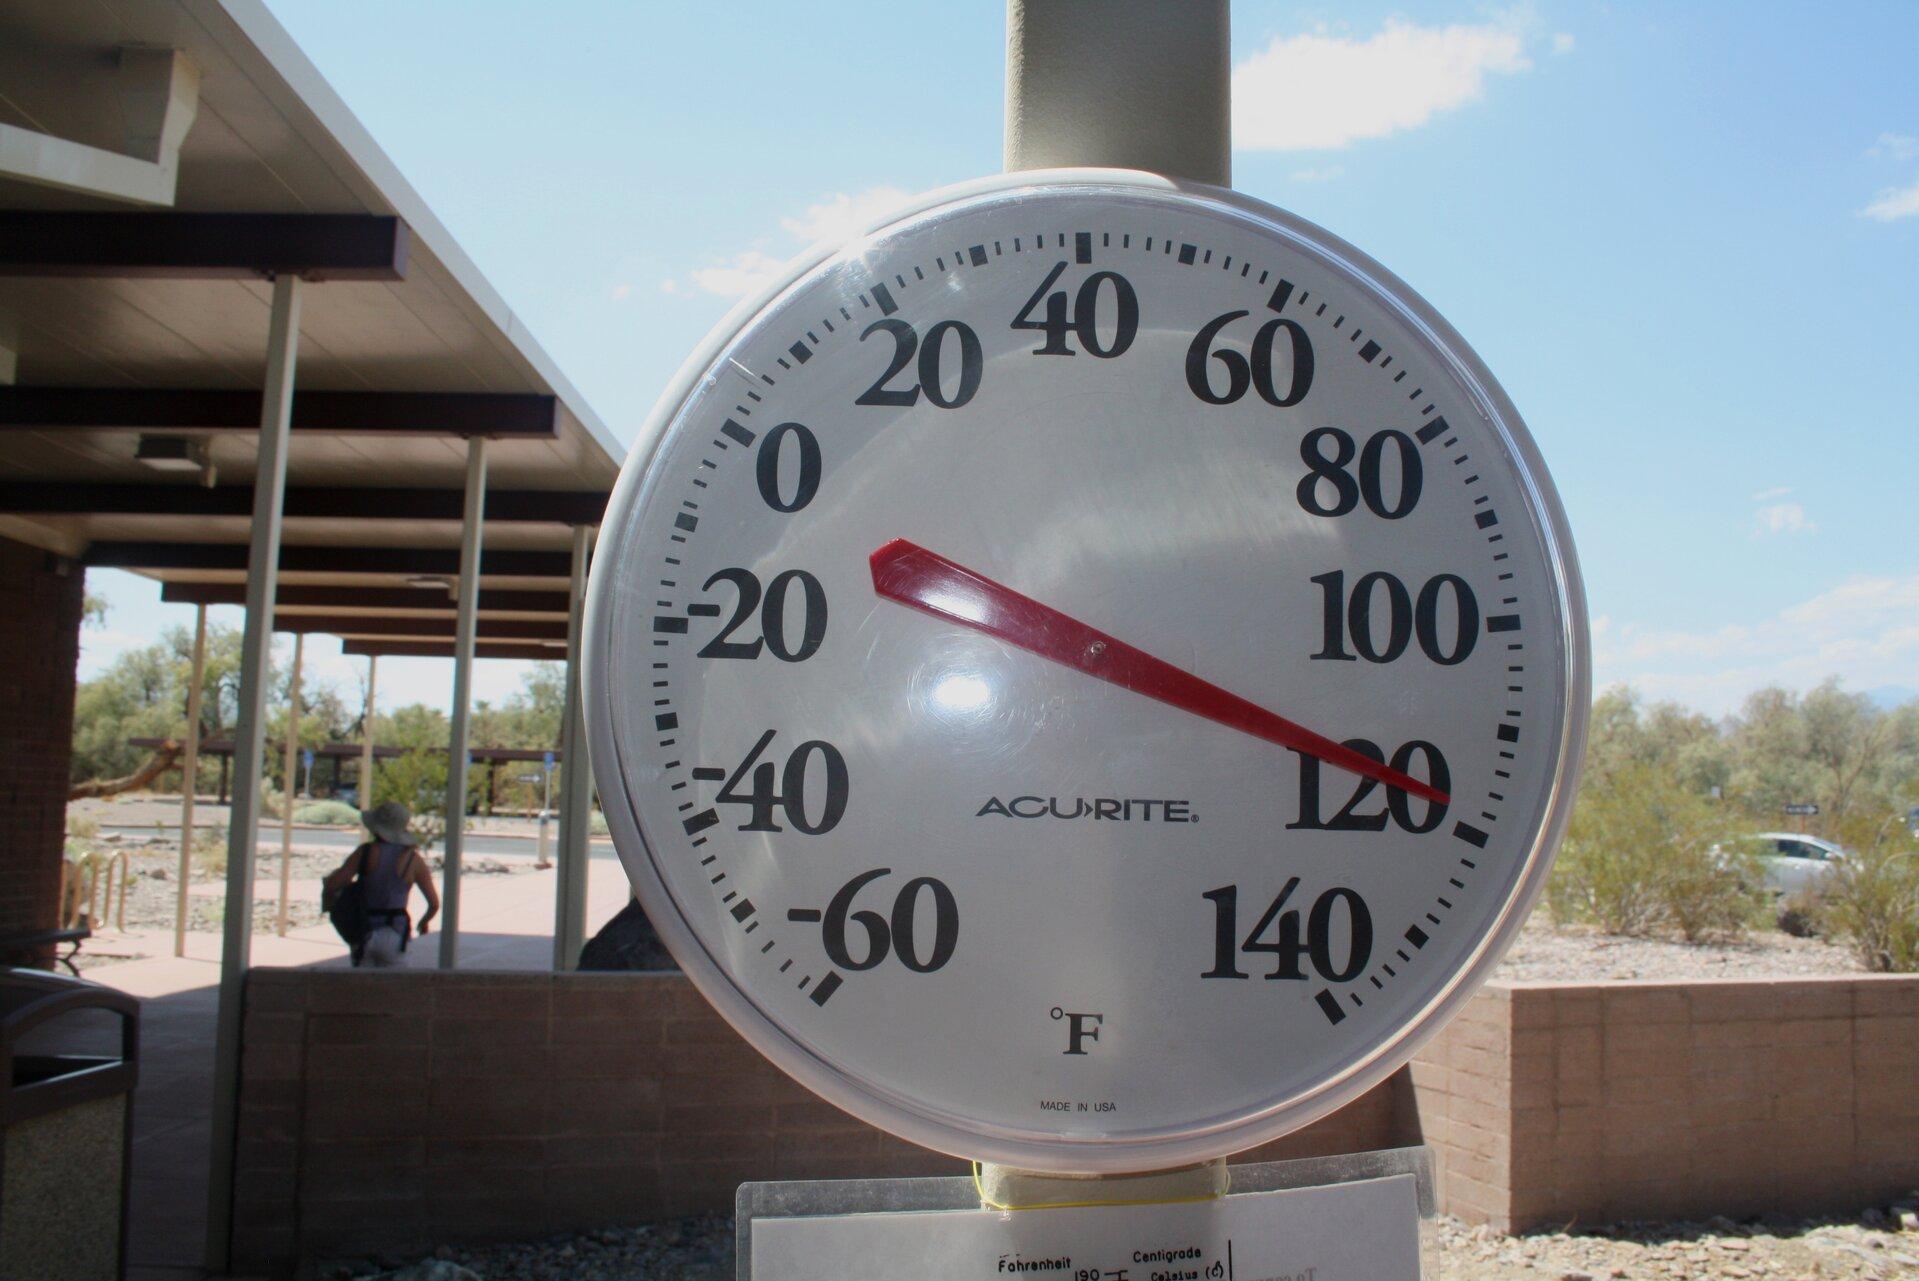 Na zdjęciu okrągły przyrząd zbiałą tarczą, podziałką iczerwoną wskazówką. To termometr. Wskazówka wskazuje wartość sto dwadzieścia stopni Fahrenheita. Wtle zlewej strony zabudowania. Zprawej strony krzewy.